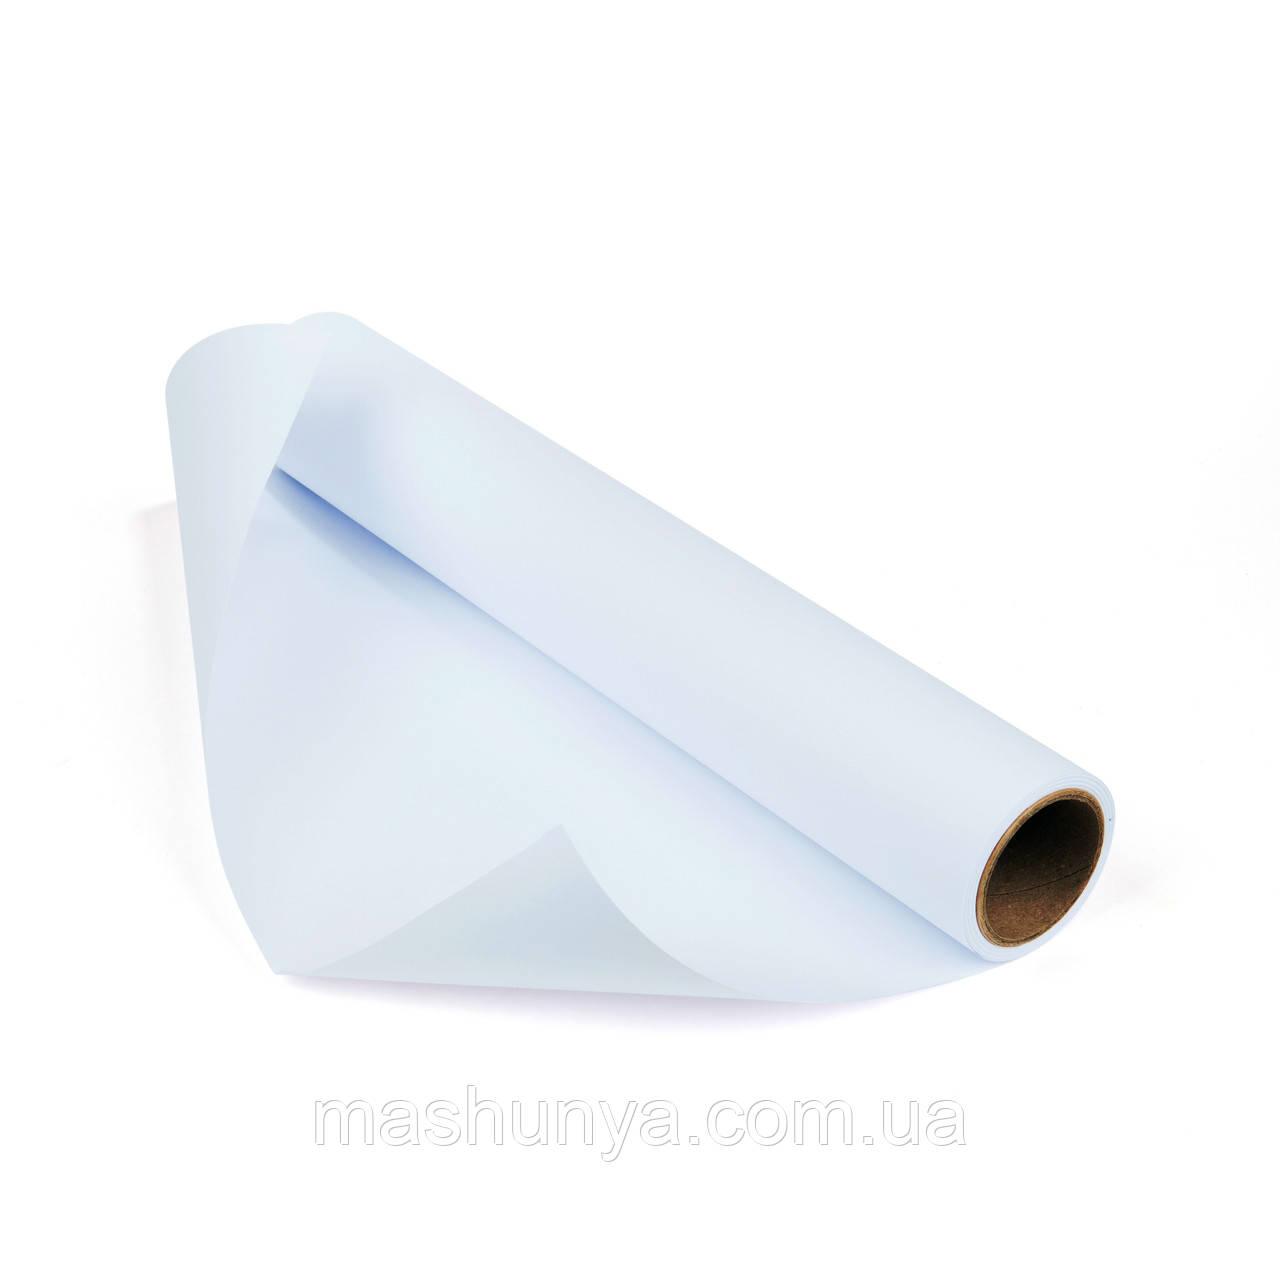 Рулон бумаги 10 М/П